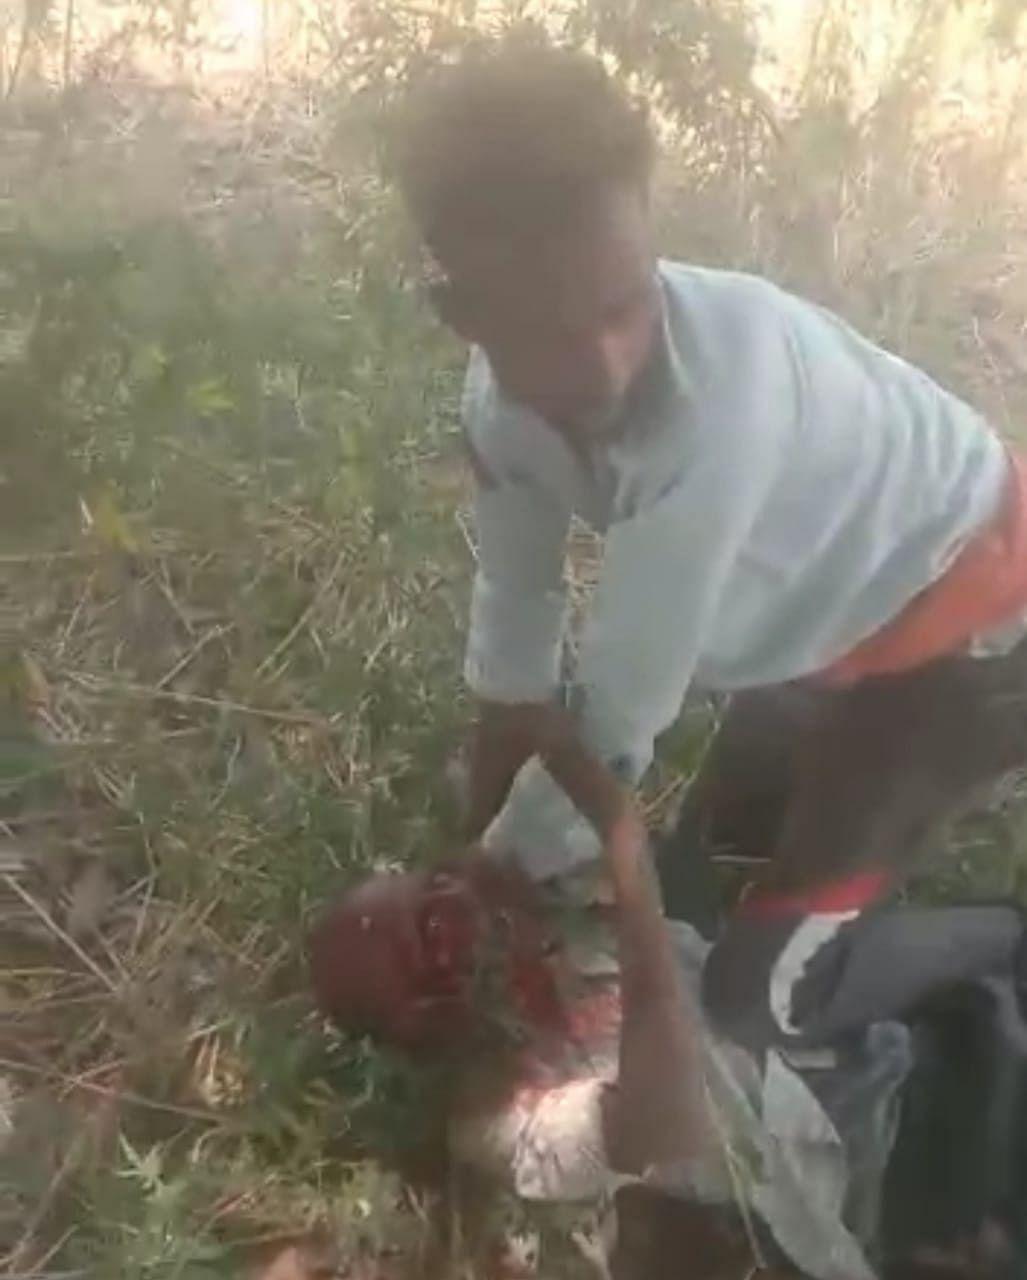 सुलतानपुर : दबंगों ने पिटाई कर किया वीडियो वायरल, दो हिरासत में